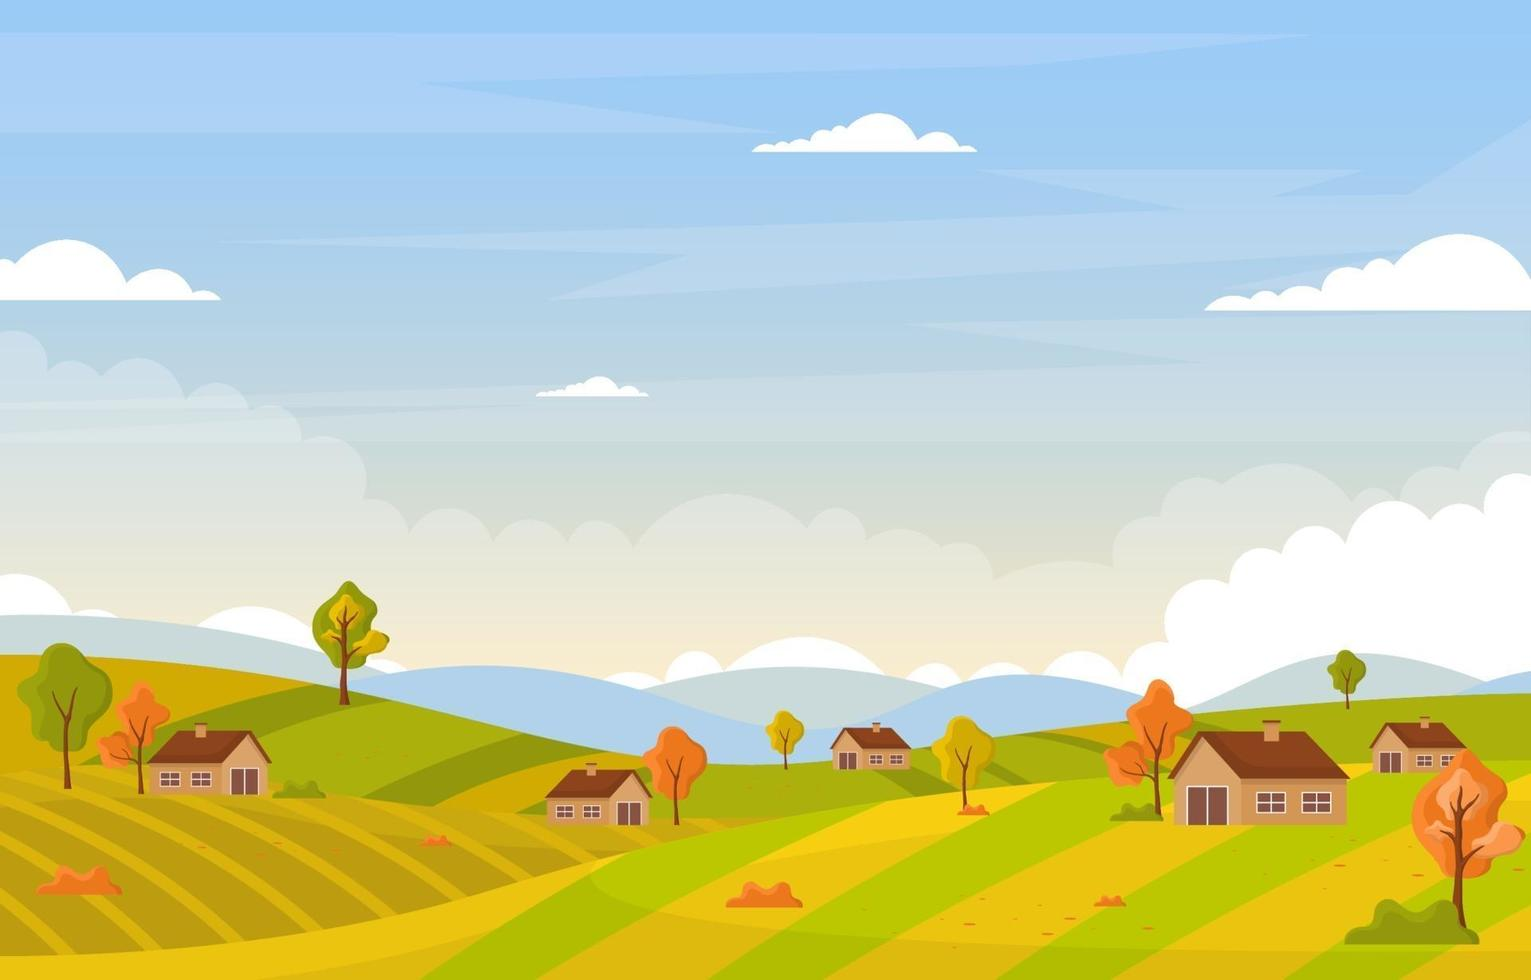 escena de otoño con colinas, árboles y casas. vector